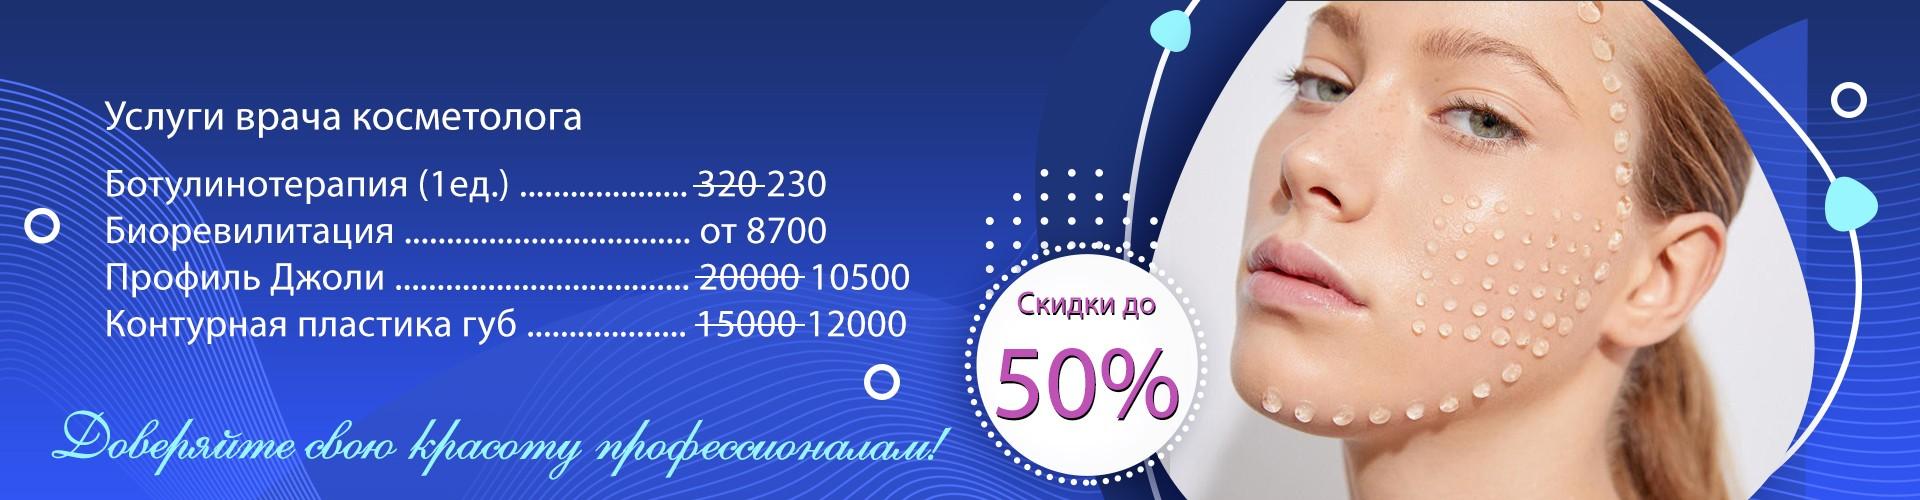 Рекламный_буклет 1